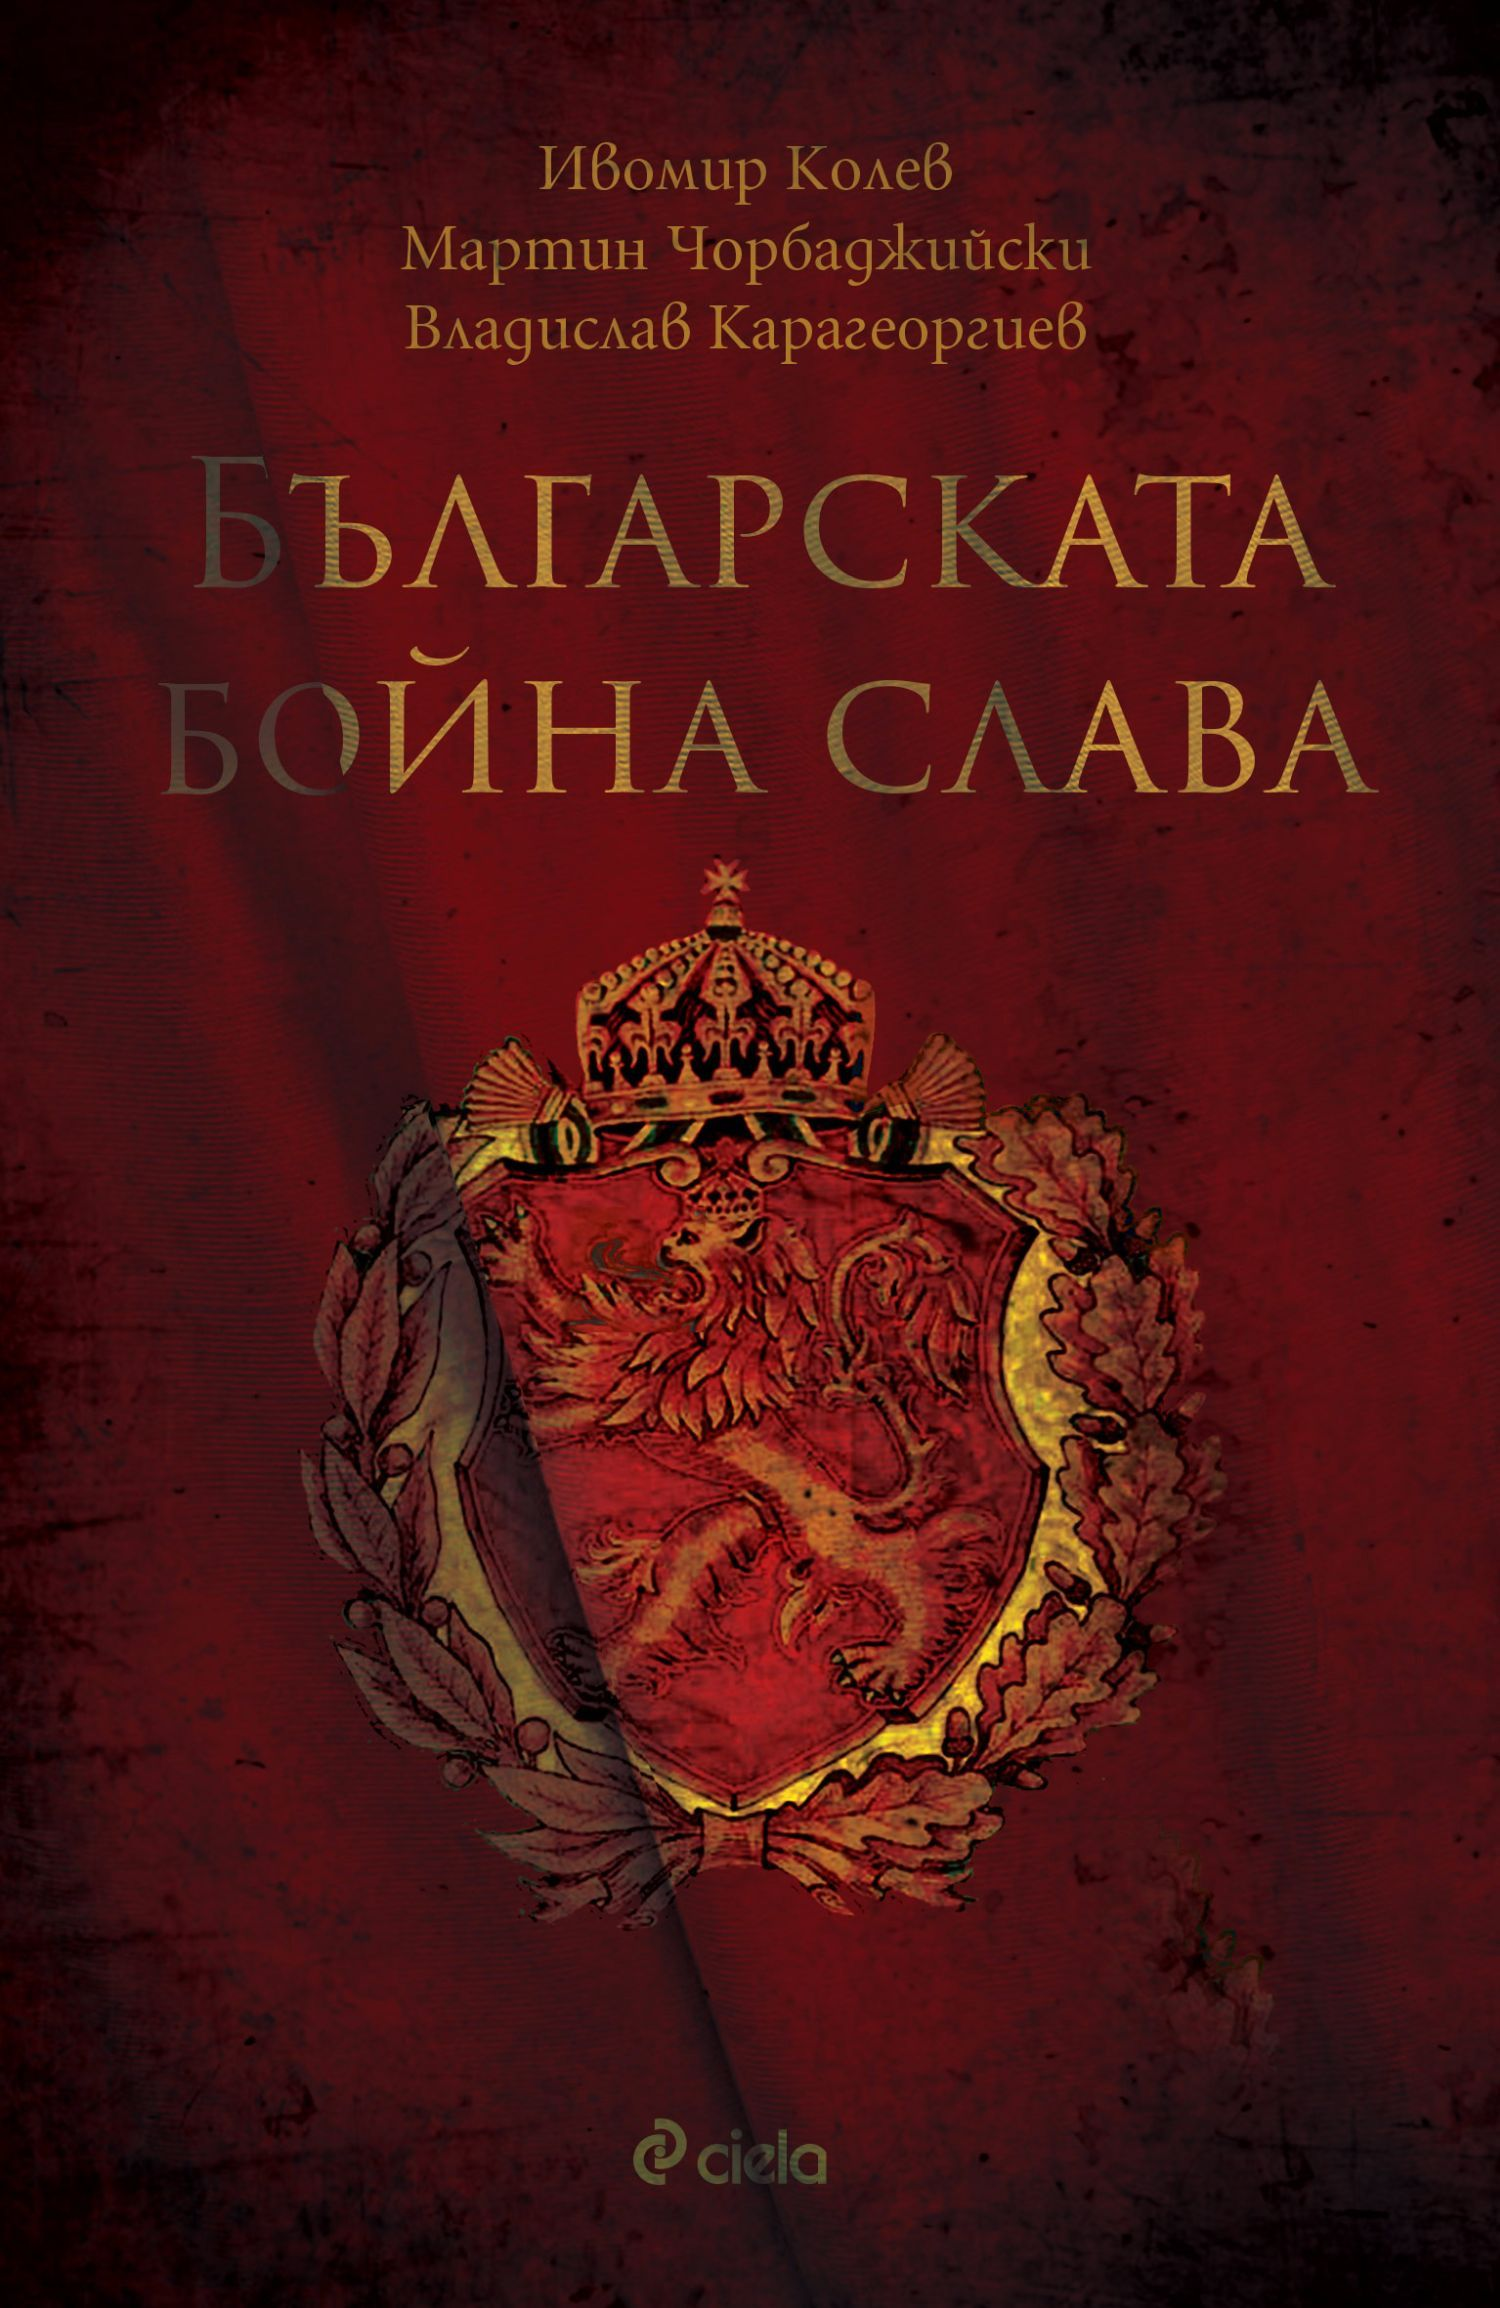 Българската бойна слава - 1